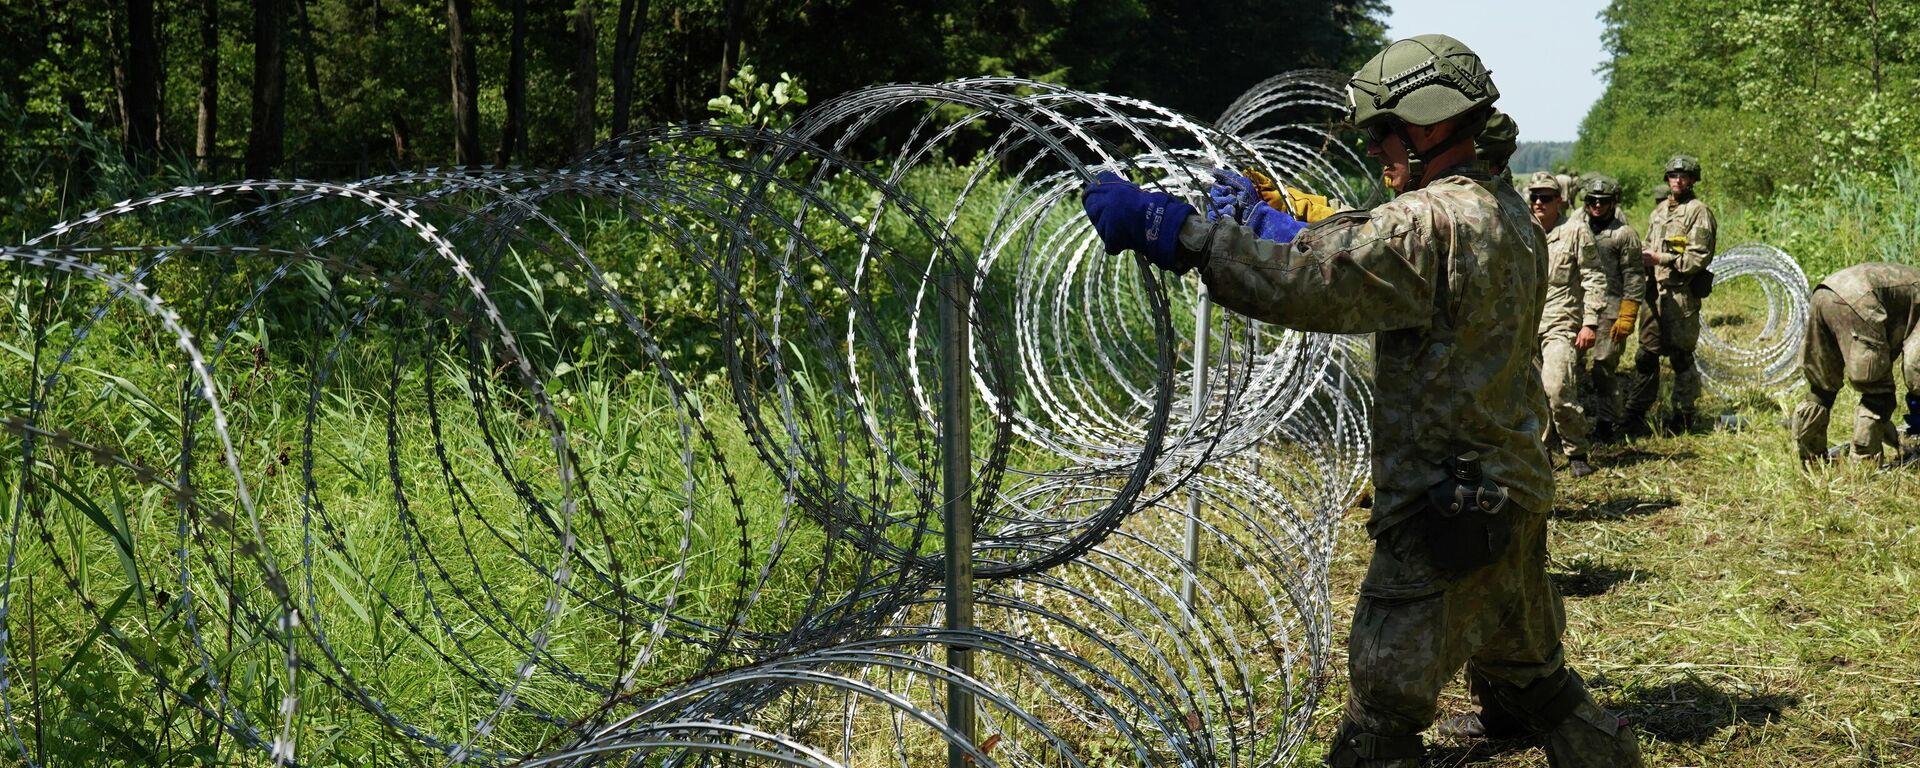 Солдаты литовской армии устанавливают забор из колючей проволоки на границе с Беларусью в городе Друскининкай - Sputnik Узбекистан, 1920, 14.07.2021